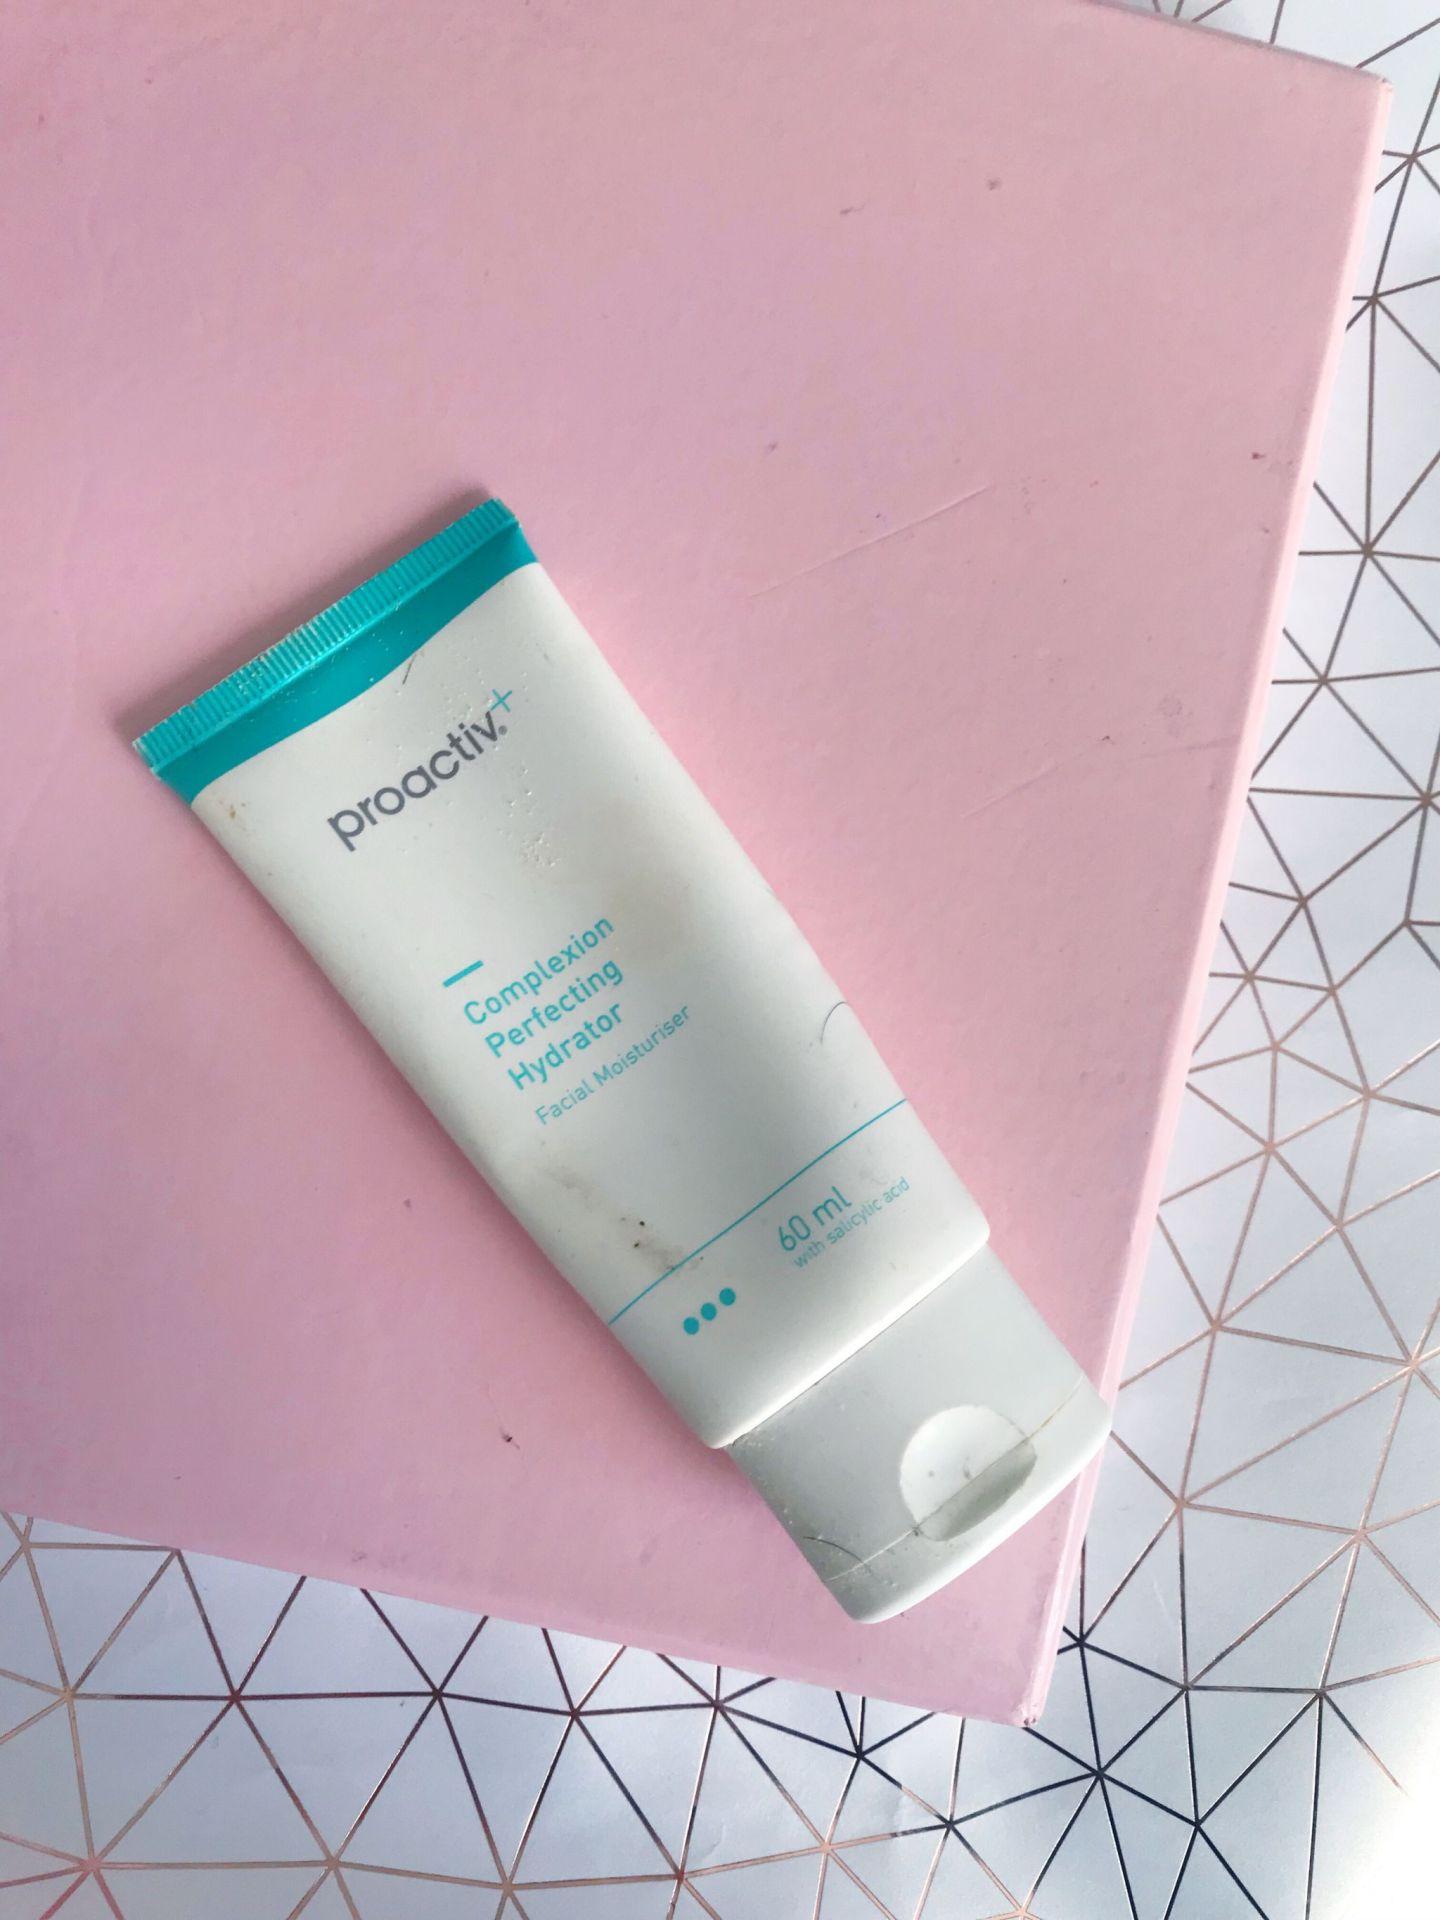 Proactiv+ moisturiser